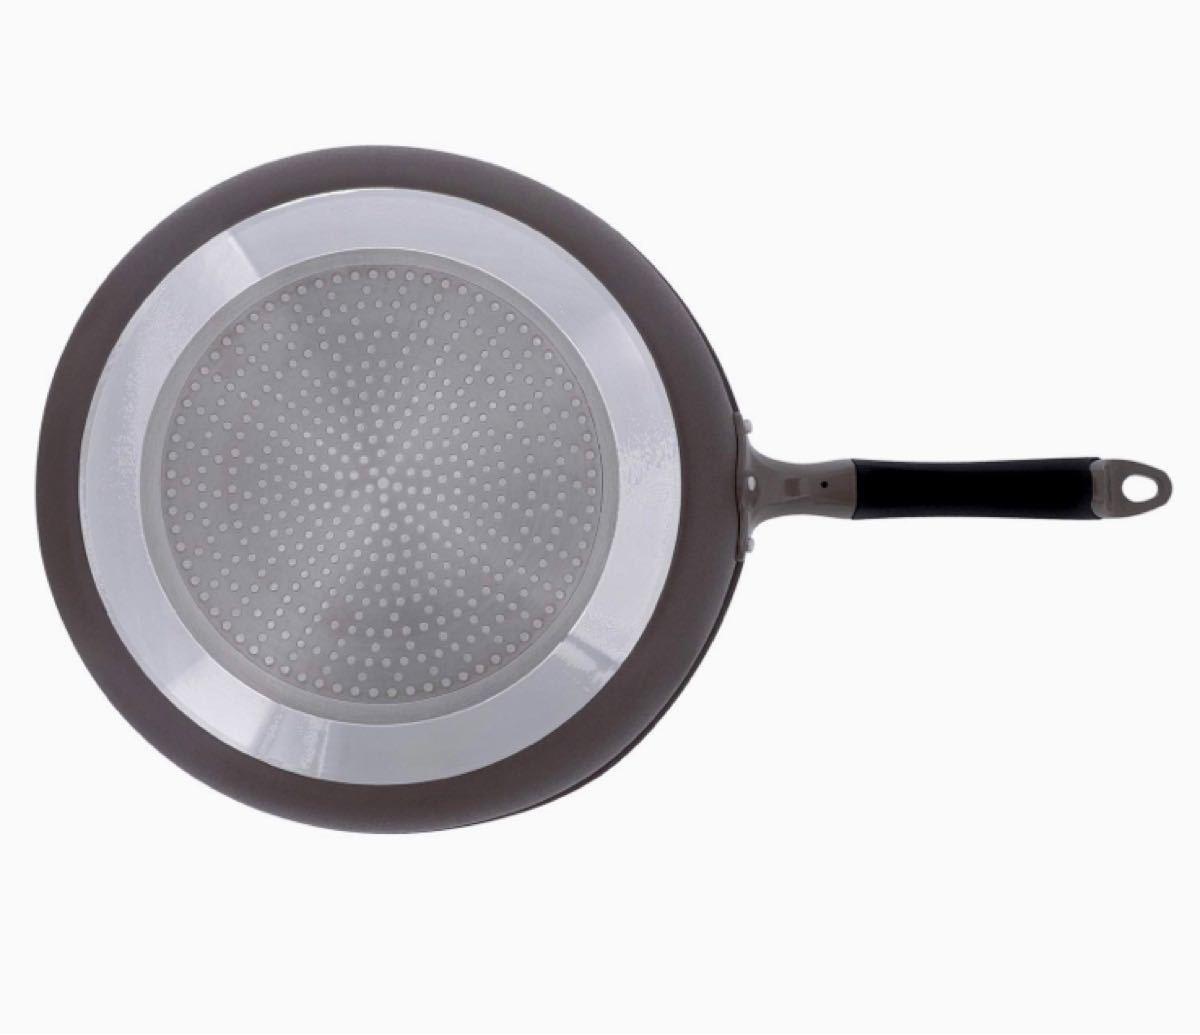 ベストコ(Bestco) IH対応 深型フライパン ダイヤモンドコート 32cm アリエッタネクスト アイスフラワーブラウン 新品